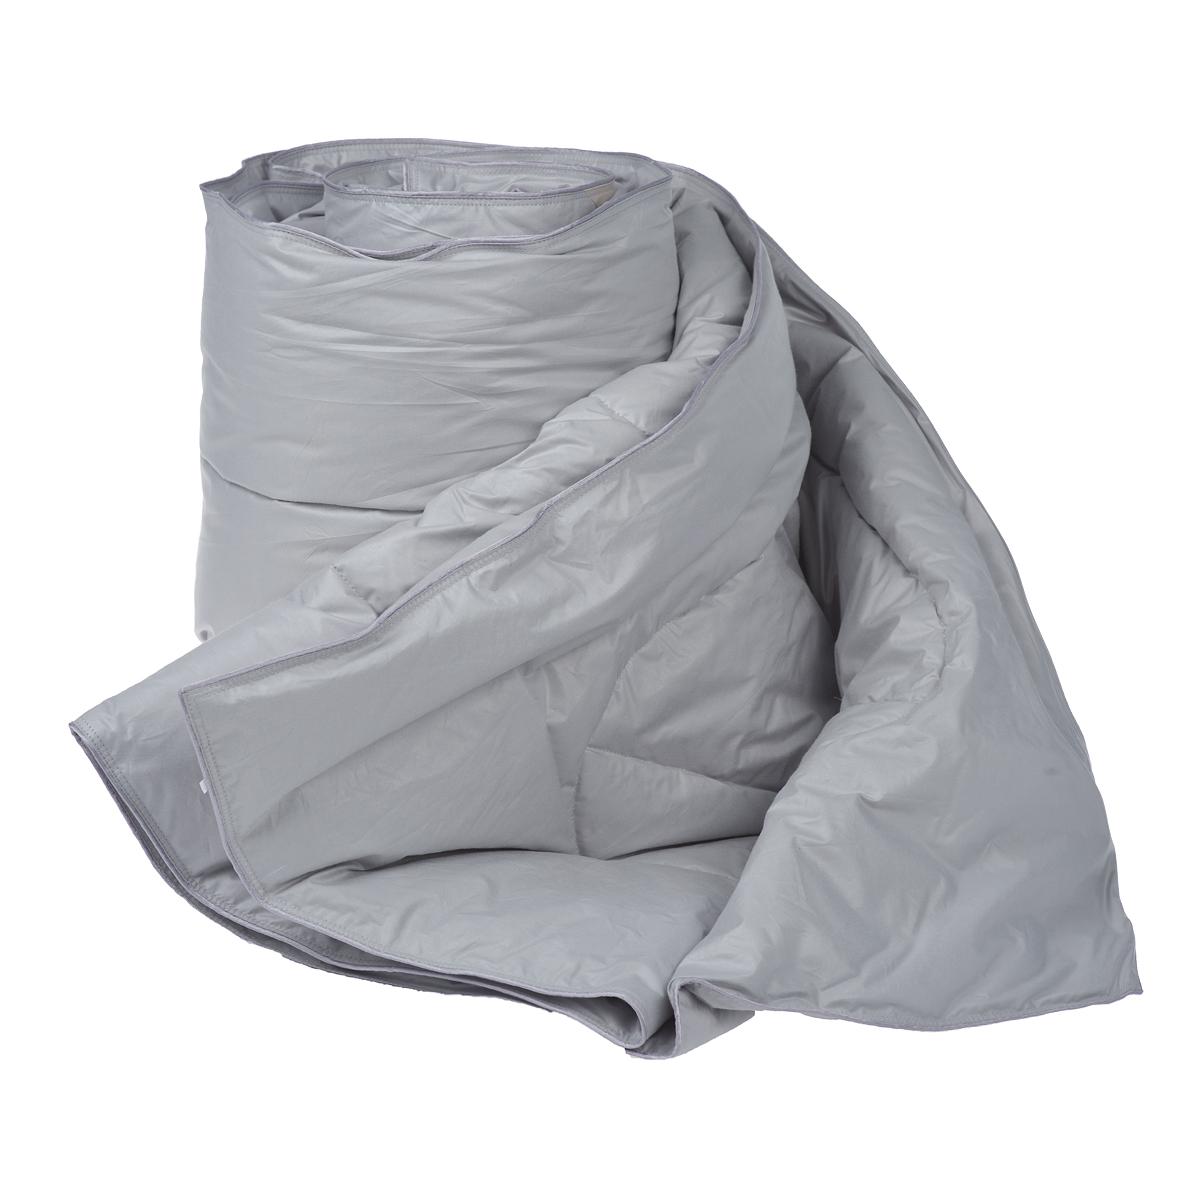 Одеяло Dargez Богемия, наполнитель: гусиный пух категории Экстра, 200 х 220 см26382Одеяло Dargez Богемия подарит комфорт и уют во время сна. Чехол одеяла выполнен из пуходержащего гладкокрашеного батиста с обработкой ионами серебра. Ткань с ионами серебра благотворно воздействует на кожу, оказывает расслабляющее действие для организма человека, имеет устойчивый антибактериальный эффект. Уникальная запатентованная стежка Bodyline® по форме повторяет тело человека, что помогает эффективно регулировать теплообмен различных частей организма и создать оптимальный микроклимат во время сна. Натуральное сырье, инновационные разработки и современные технологии - вот рецепт вашего крепкого сна. Изделия коллекции способны стать прекрасным подарком для людей, ценящих красоту и комфорт. Рекомендации по уходу: - Стирка при температуре не более 40°С. - Запрещается отбеливать, гладить, выжимать и сушить в стиральной машине. Материал чехла: батист пуходержащий (100% хлопок). Материал наполнителя: гусиный пух категории...